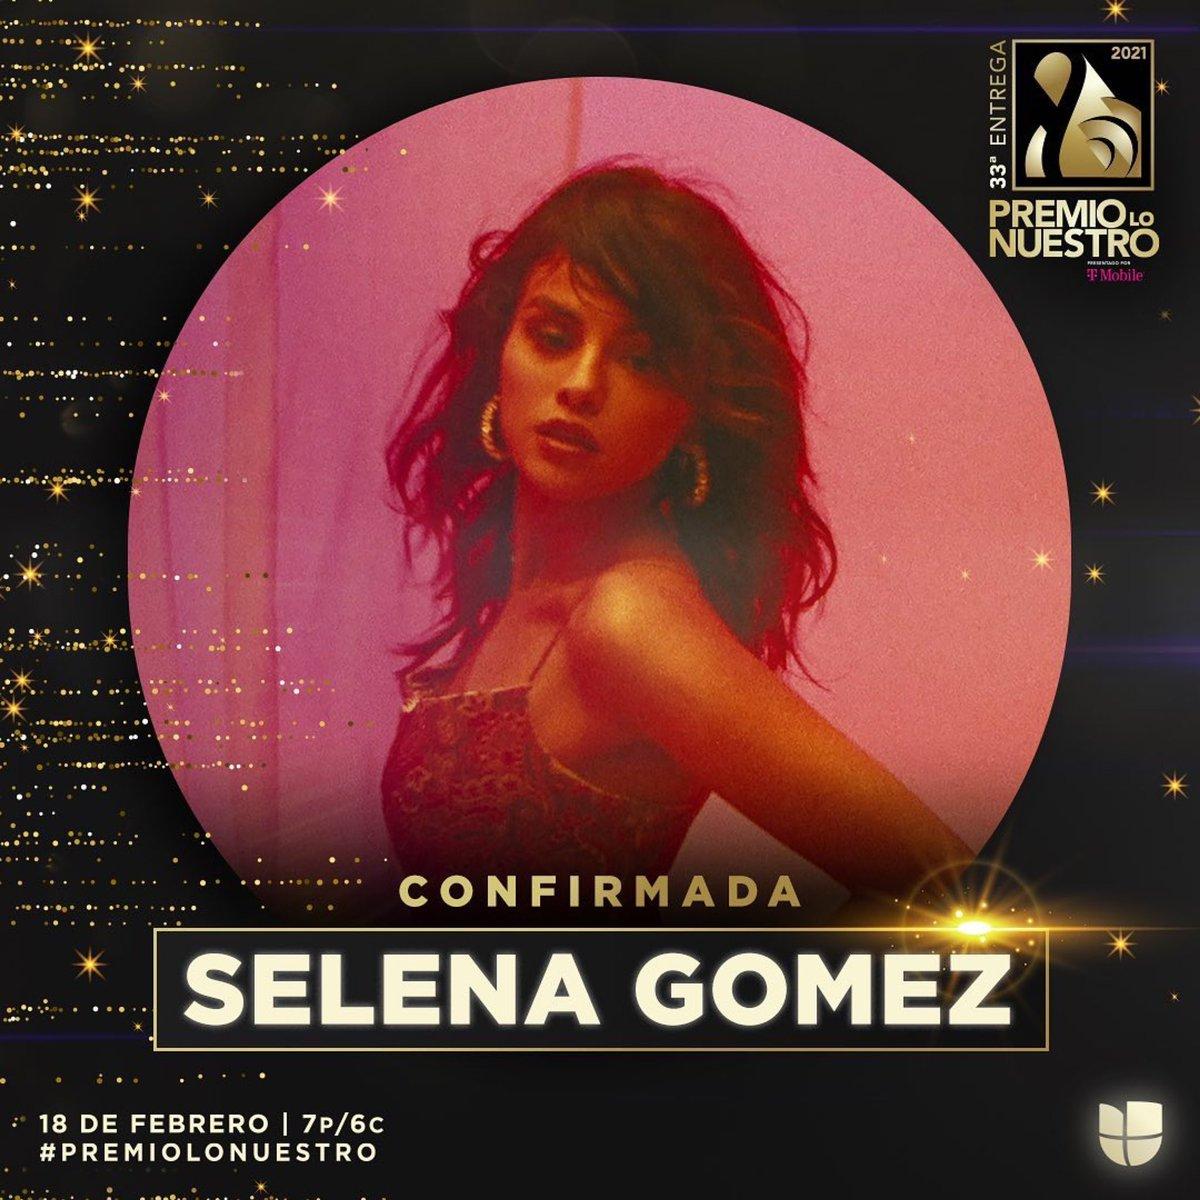 ¡Baila, baila, baila conmigo! La súper estrella mundial, actriz y activista social @selenagomez nos regalará una presentación especial de su nuevo tema en #PremioLoNuestro